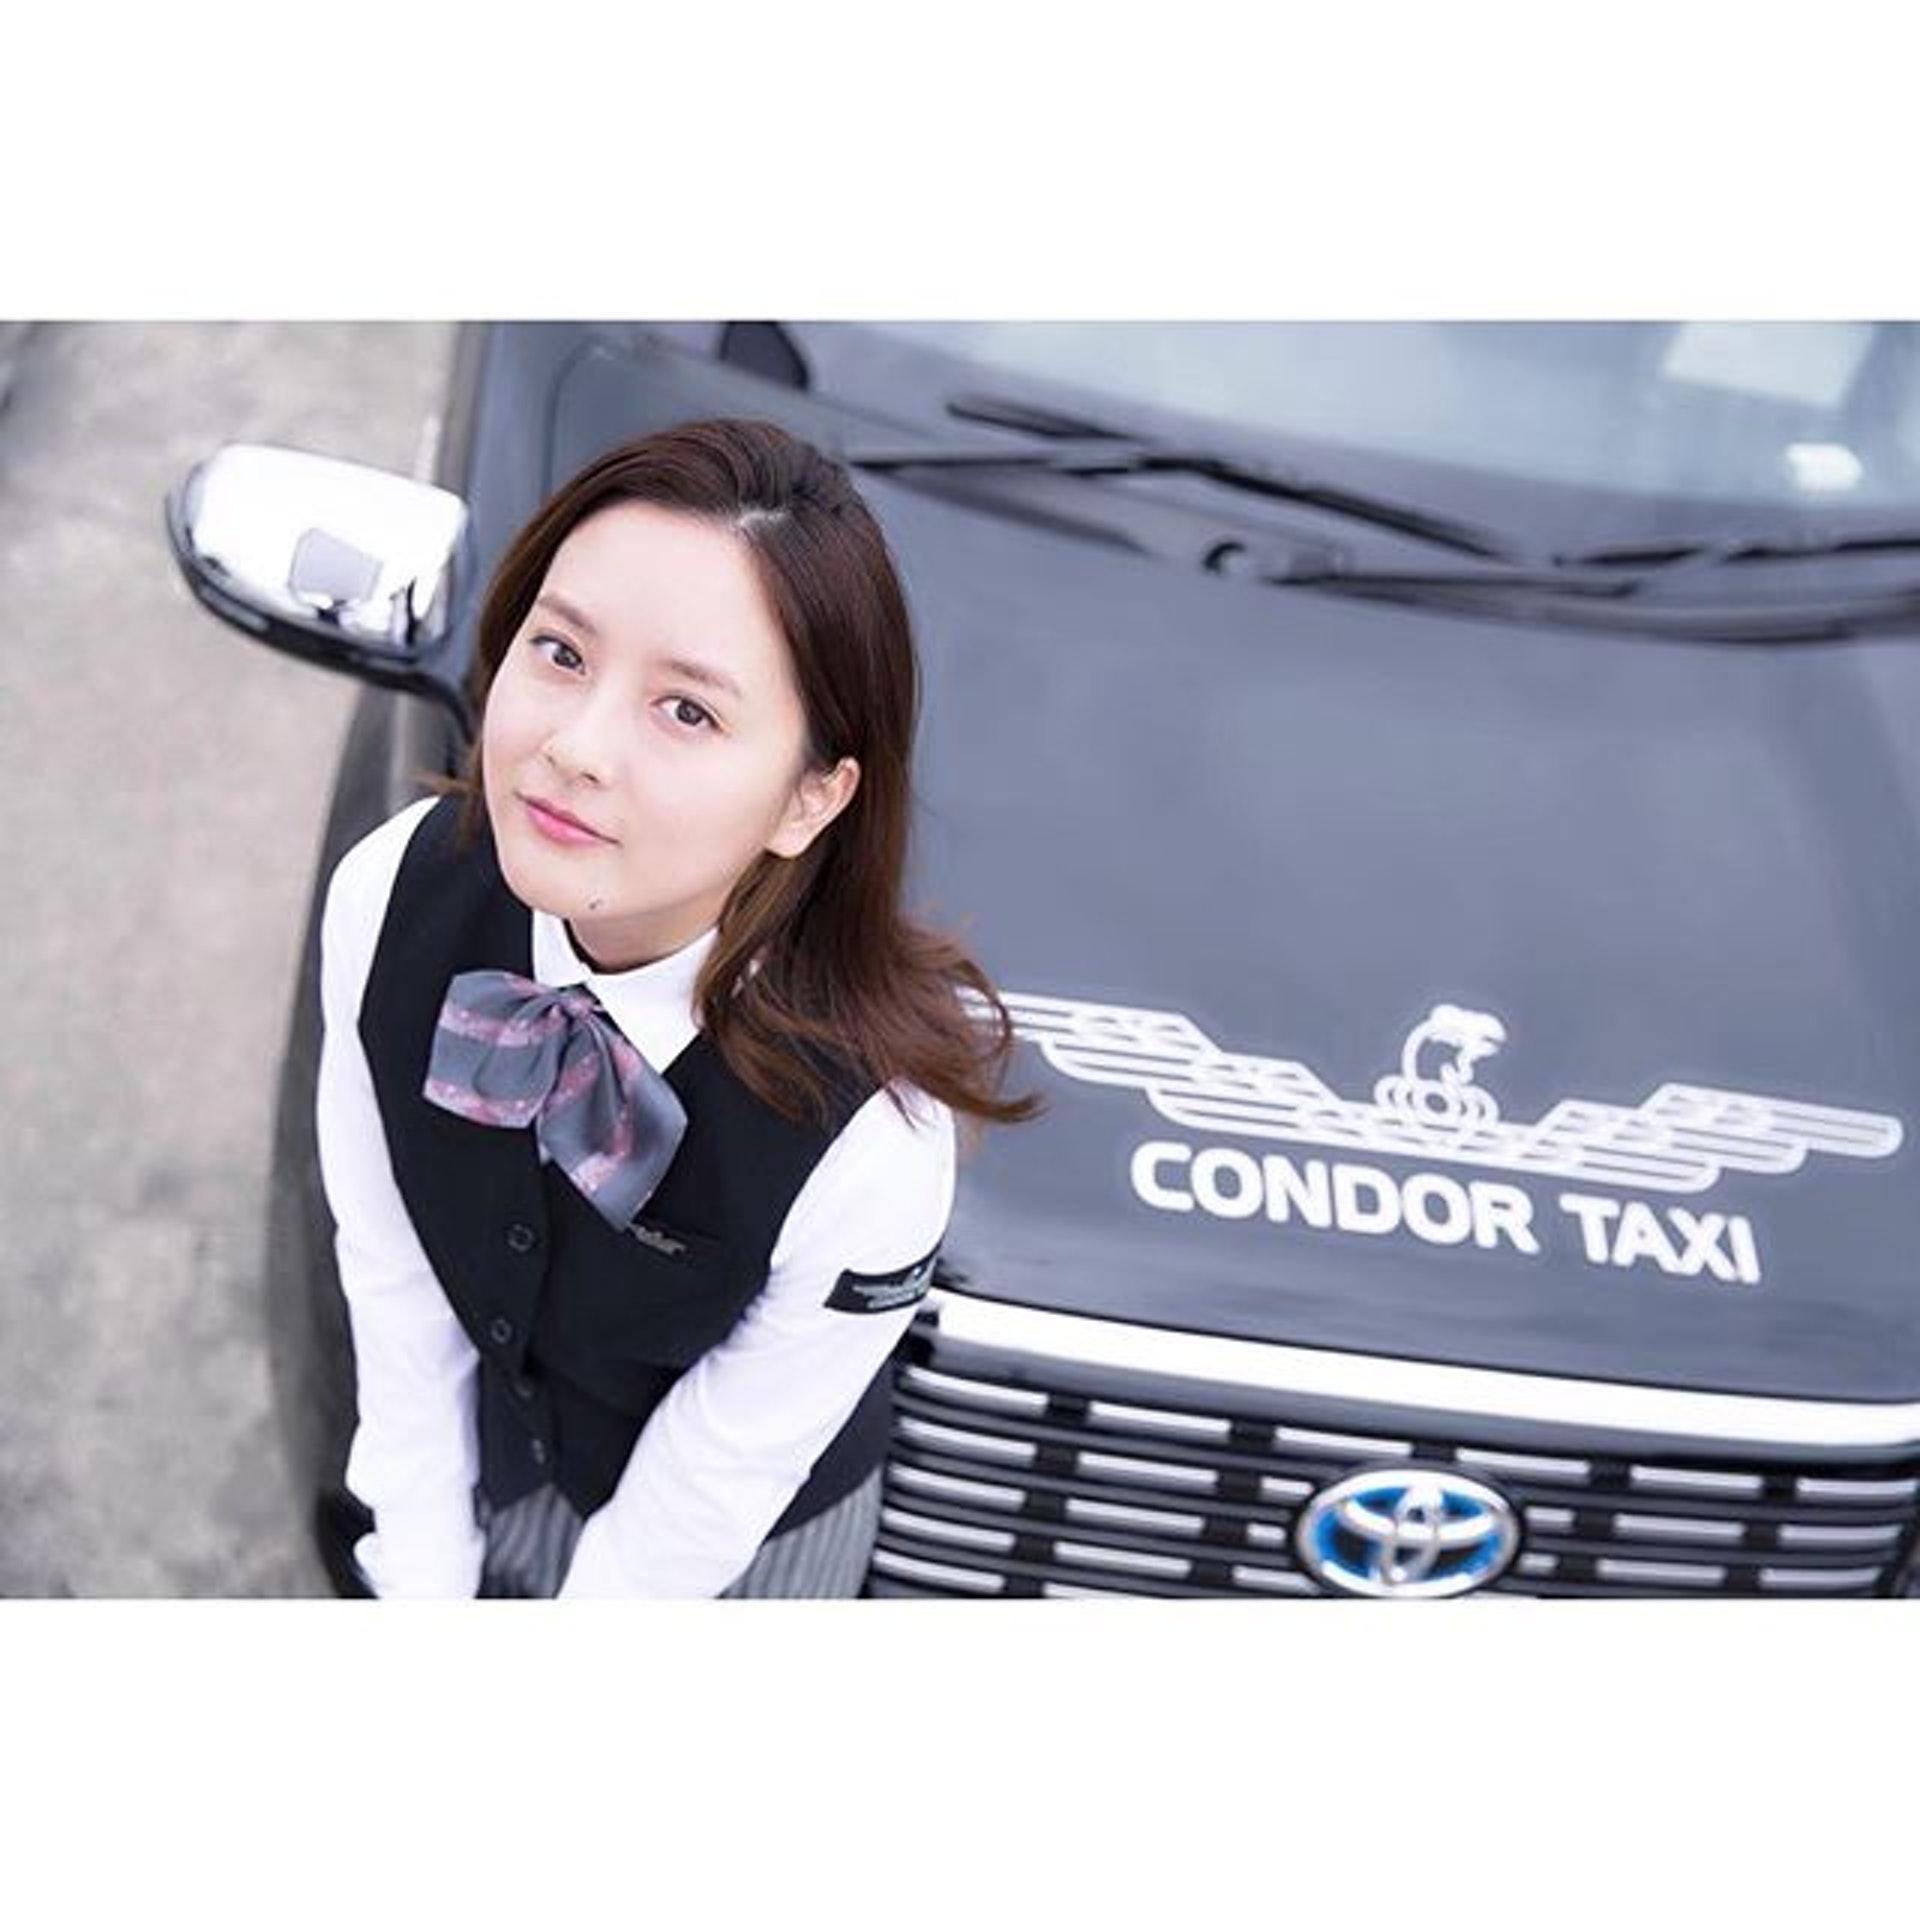 26歲的生田佳那,被譽為全日本最美的士司機,遊日朋友可能會在東京遇上她。(IG圖片)